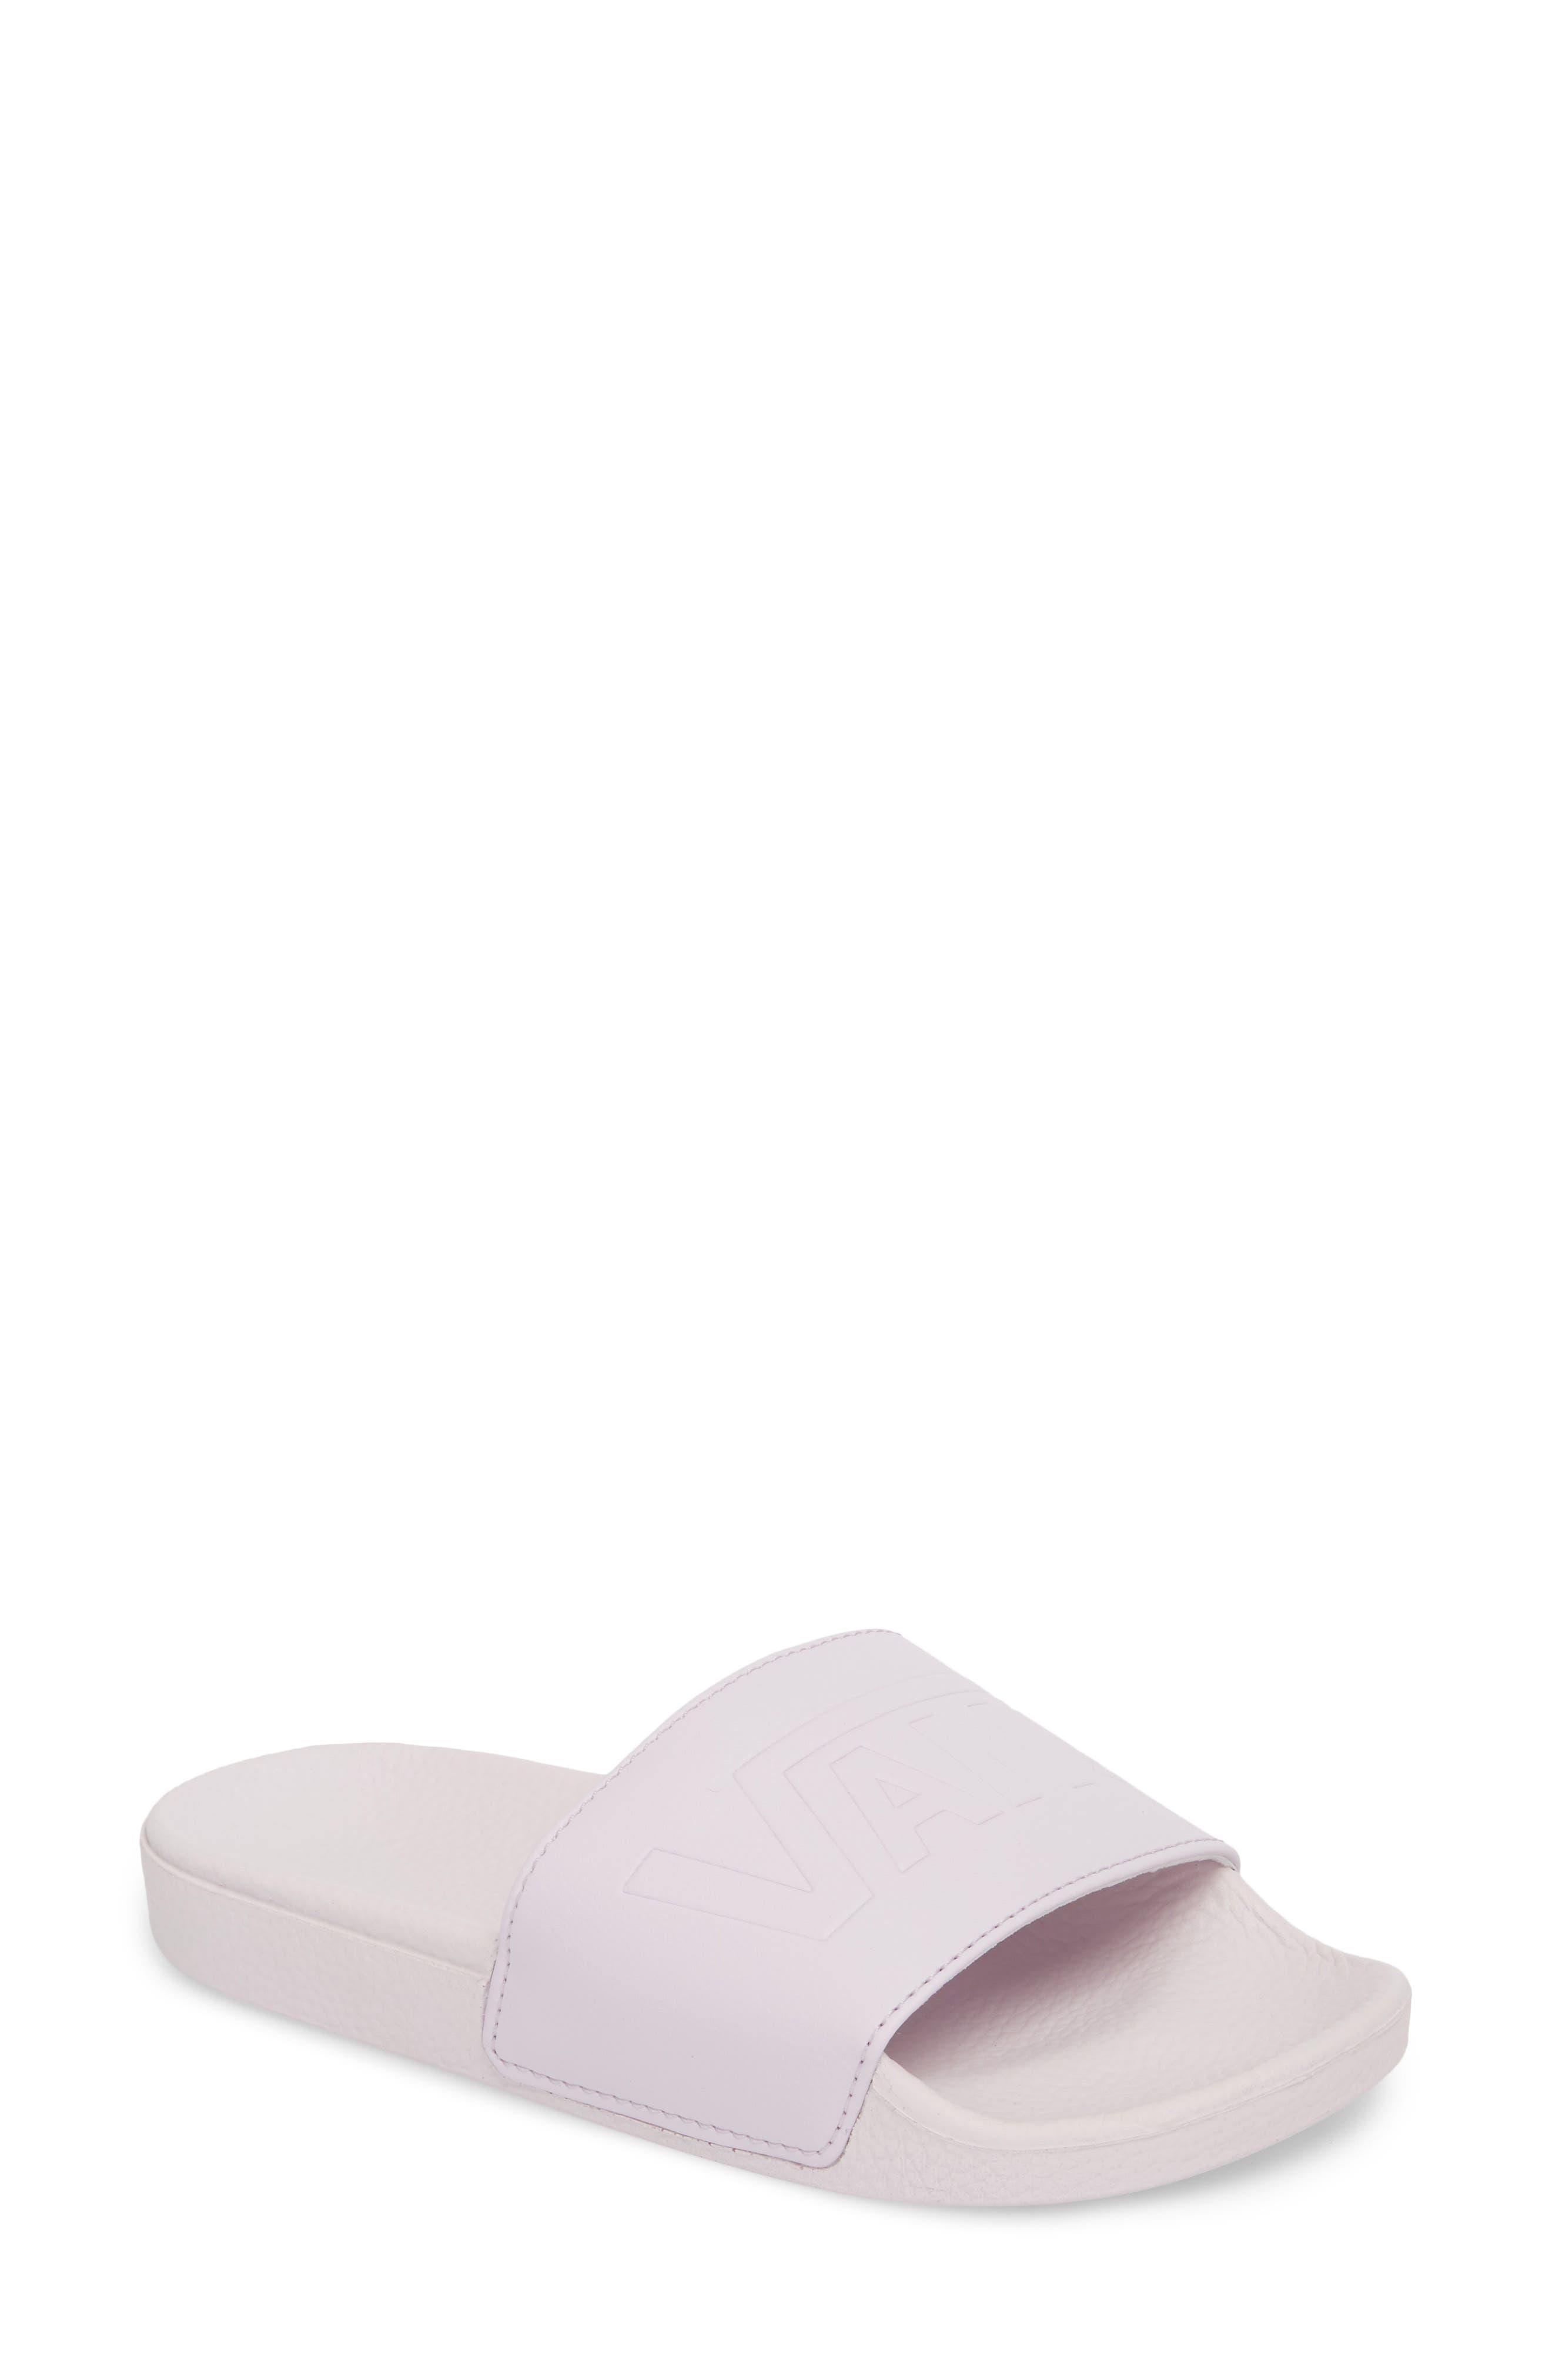 Slide-On Sandal,                             Main thumbnail 1, color,                             Lavender Fog